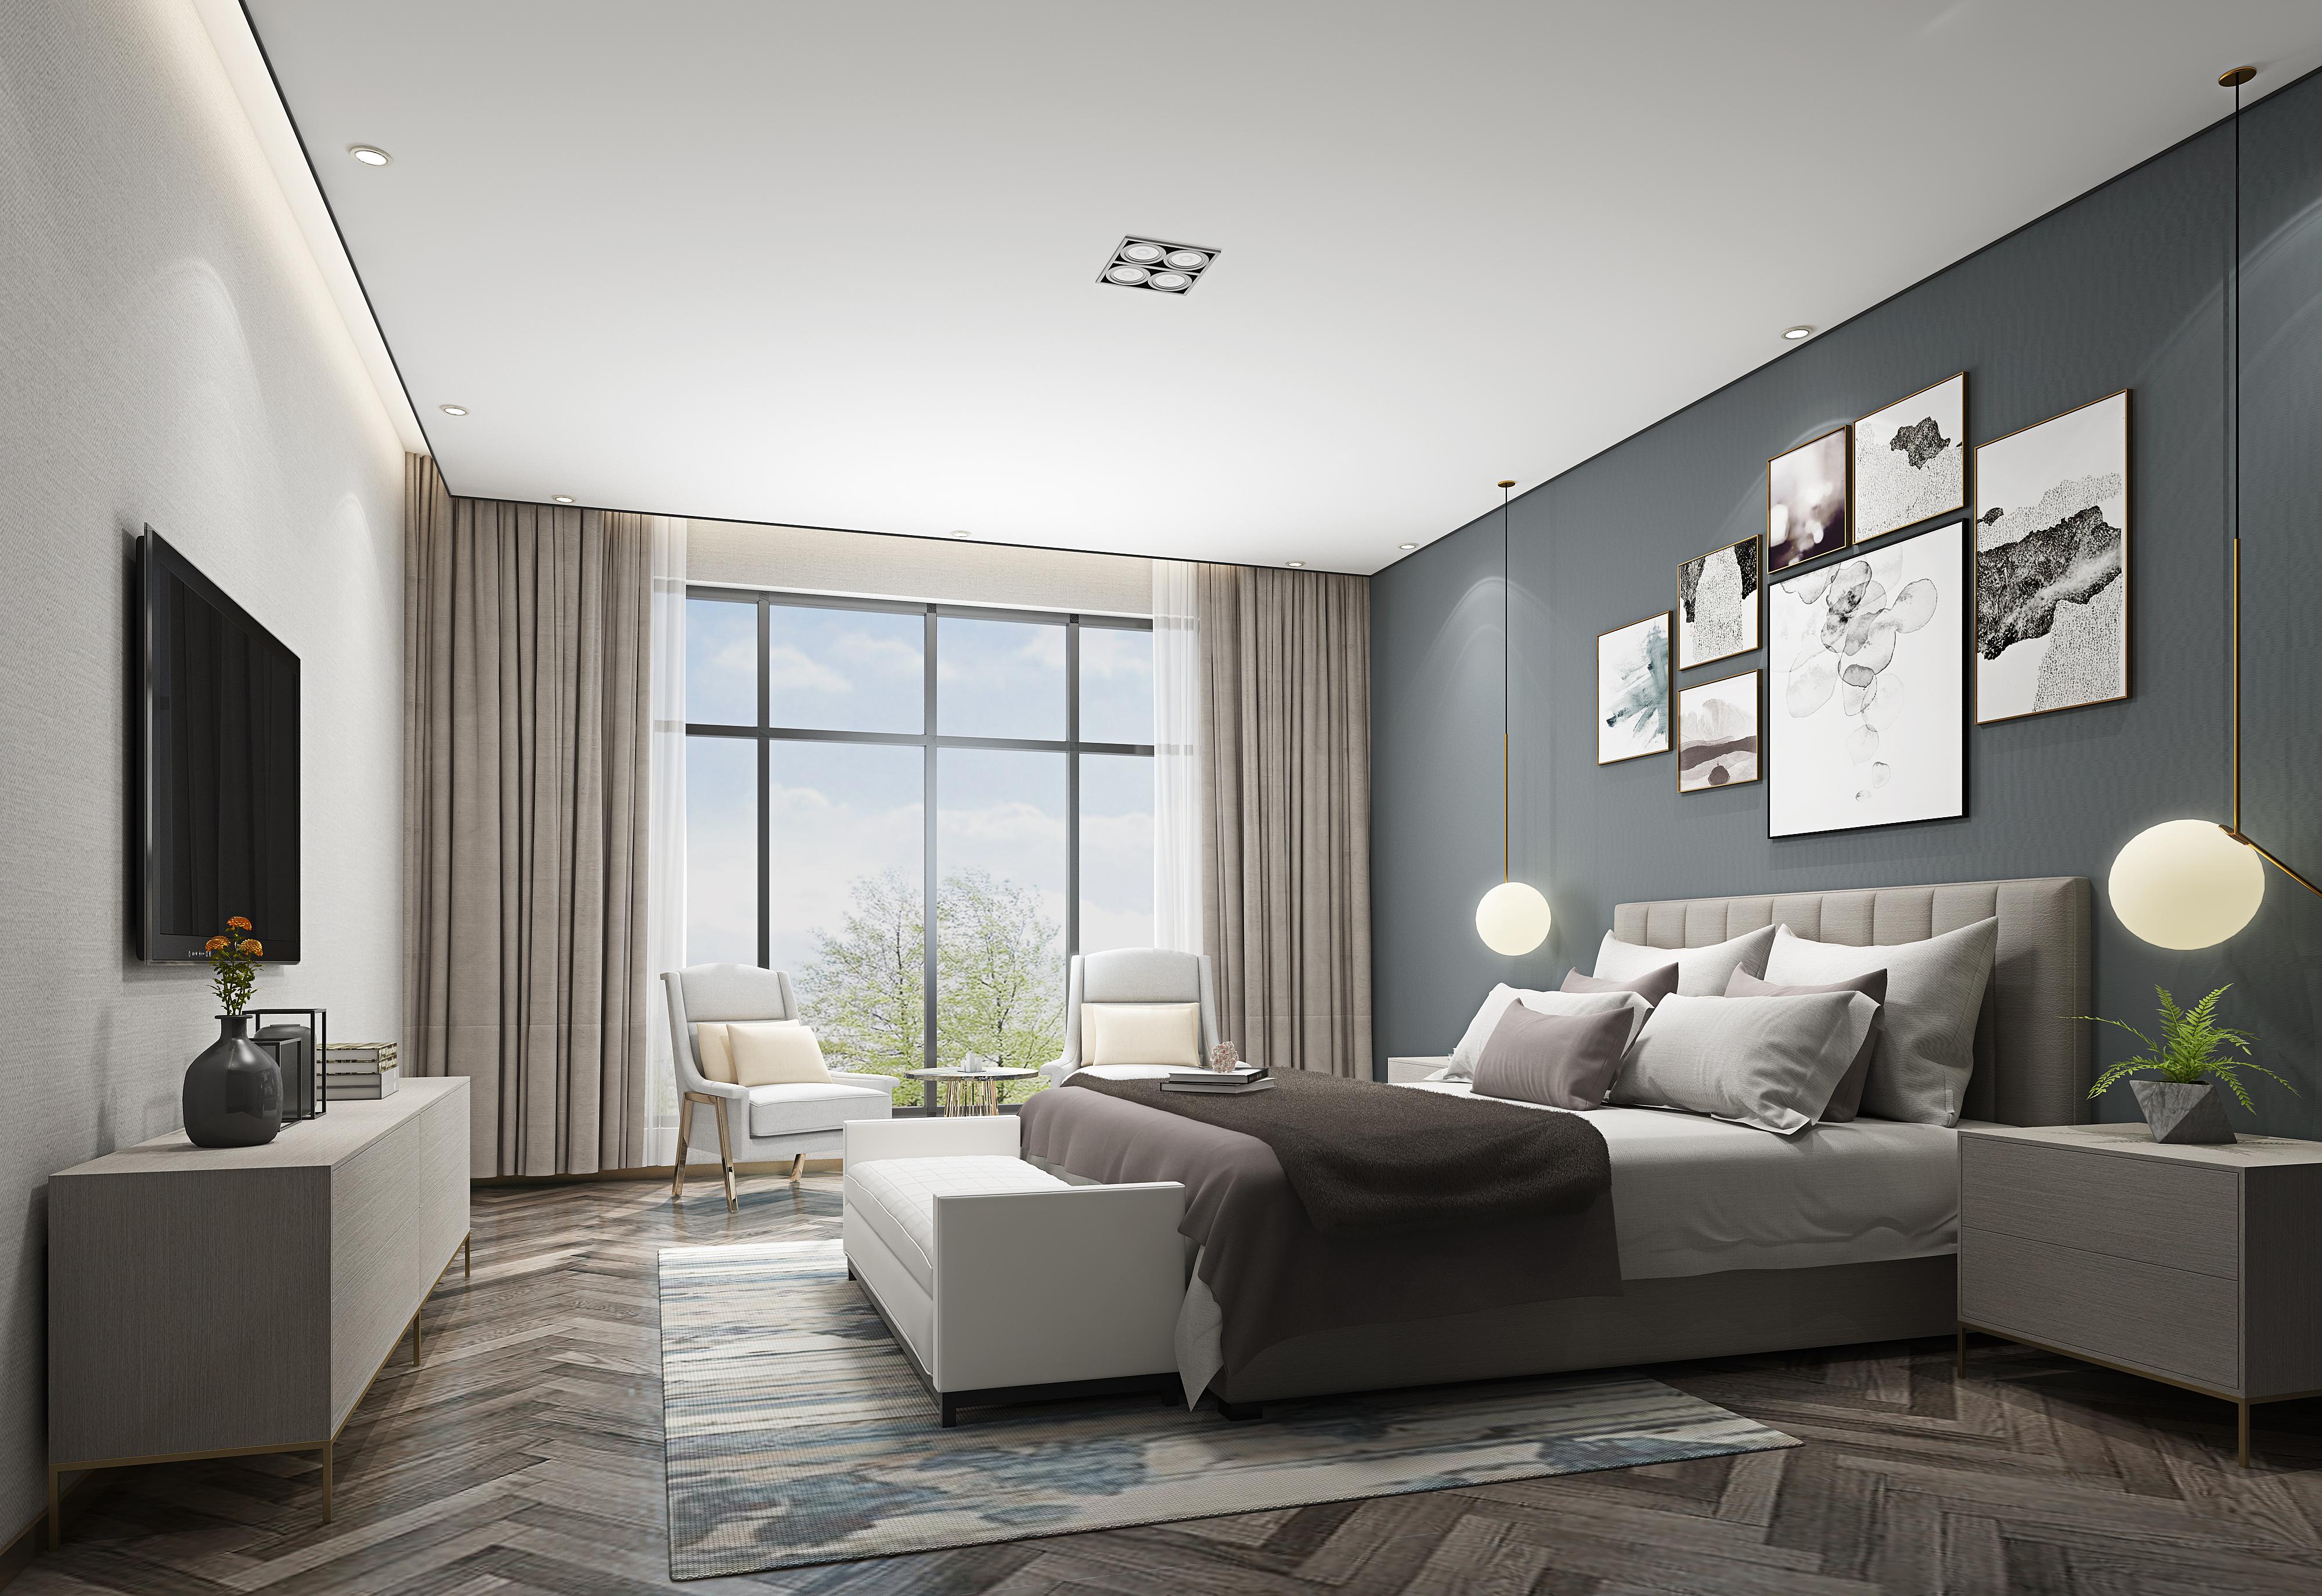 简约 卧室图片来自朱平波在长滩壹号 — 雅境的分享